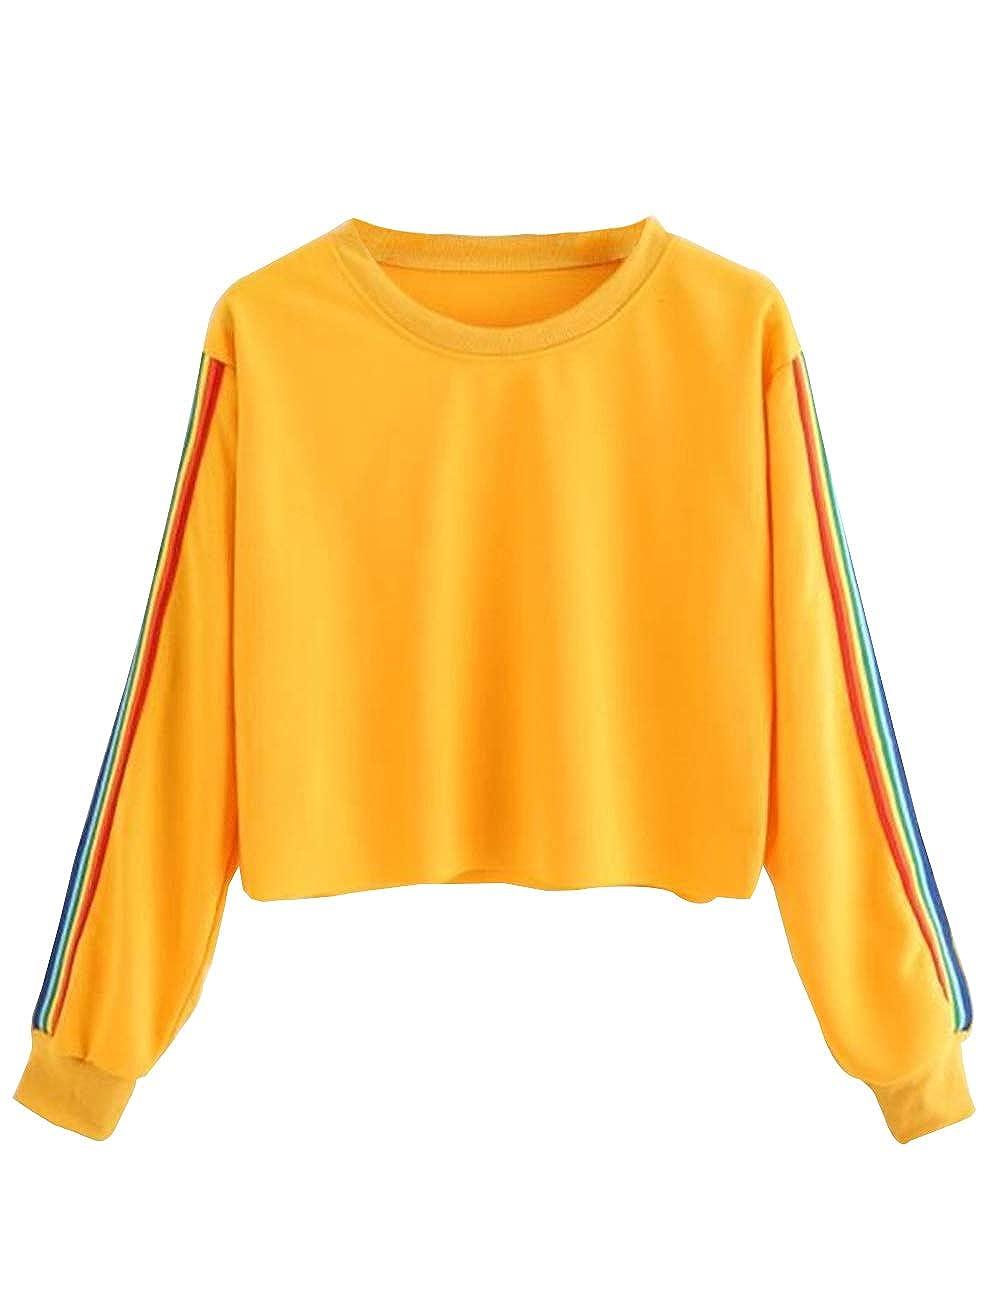 Bauchfreier Pulli Mädchen, Damen Pullover Regenbogen Streifen Patchwork Langarm Sweatshirt Kurz Crop Tops Oberteile Sweatjacke Shirts Hemd Bluse